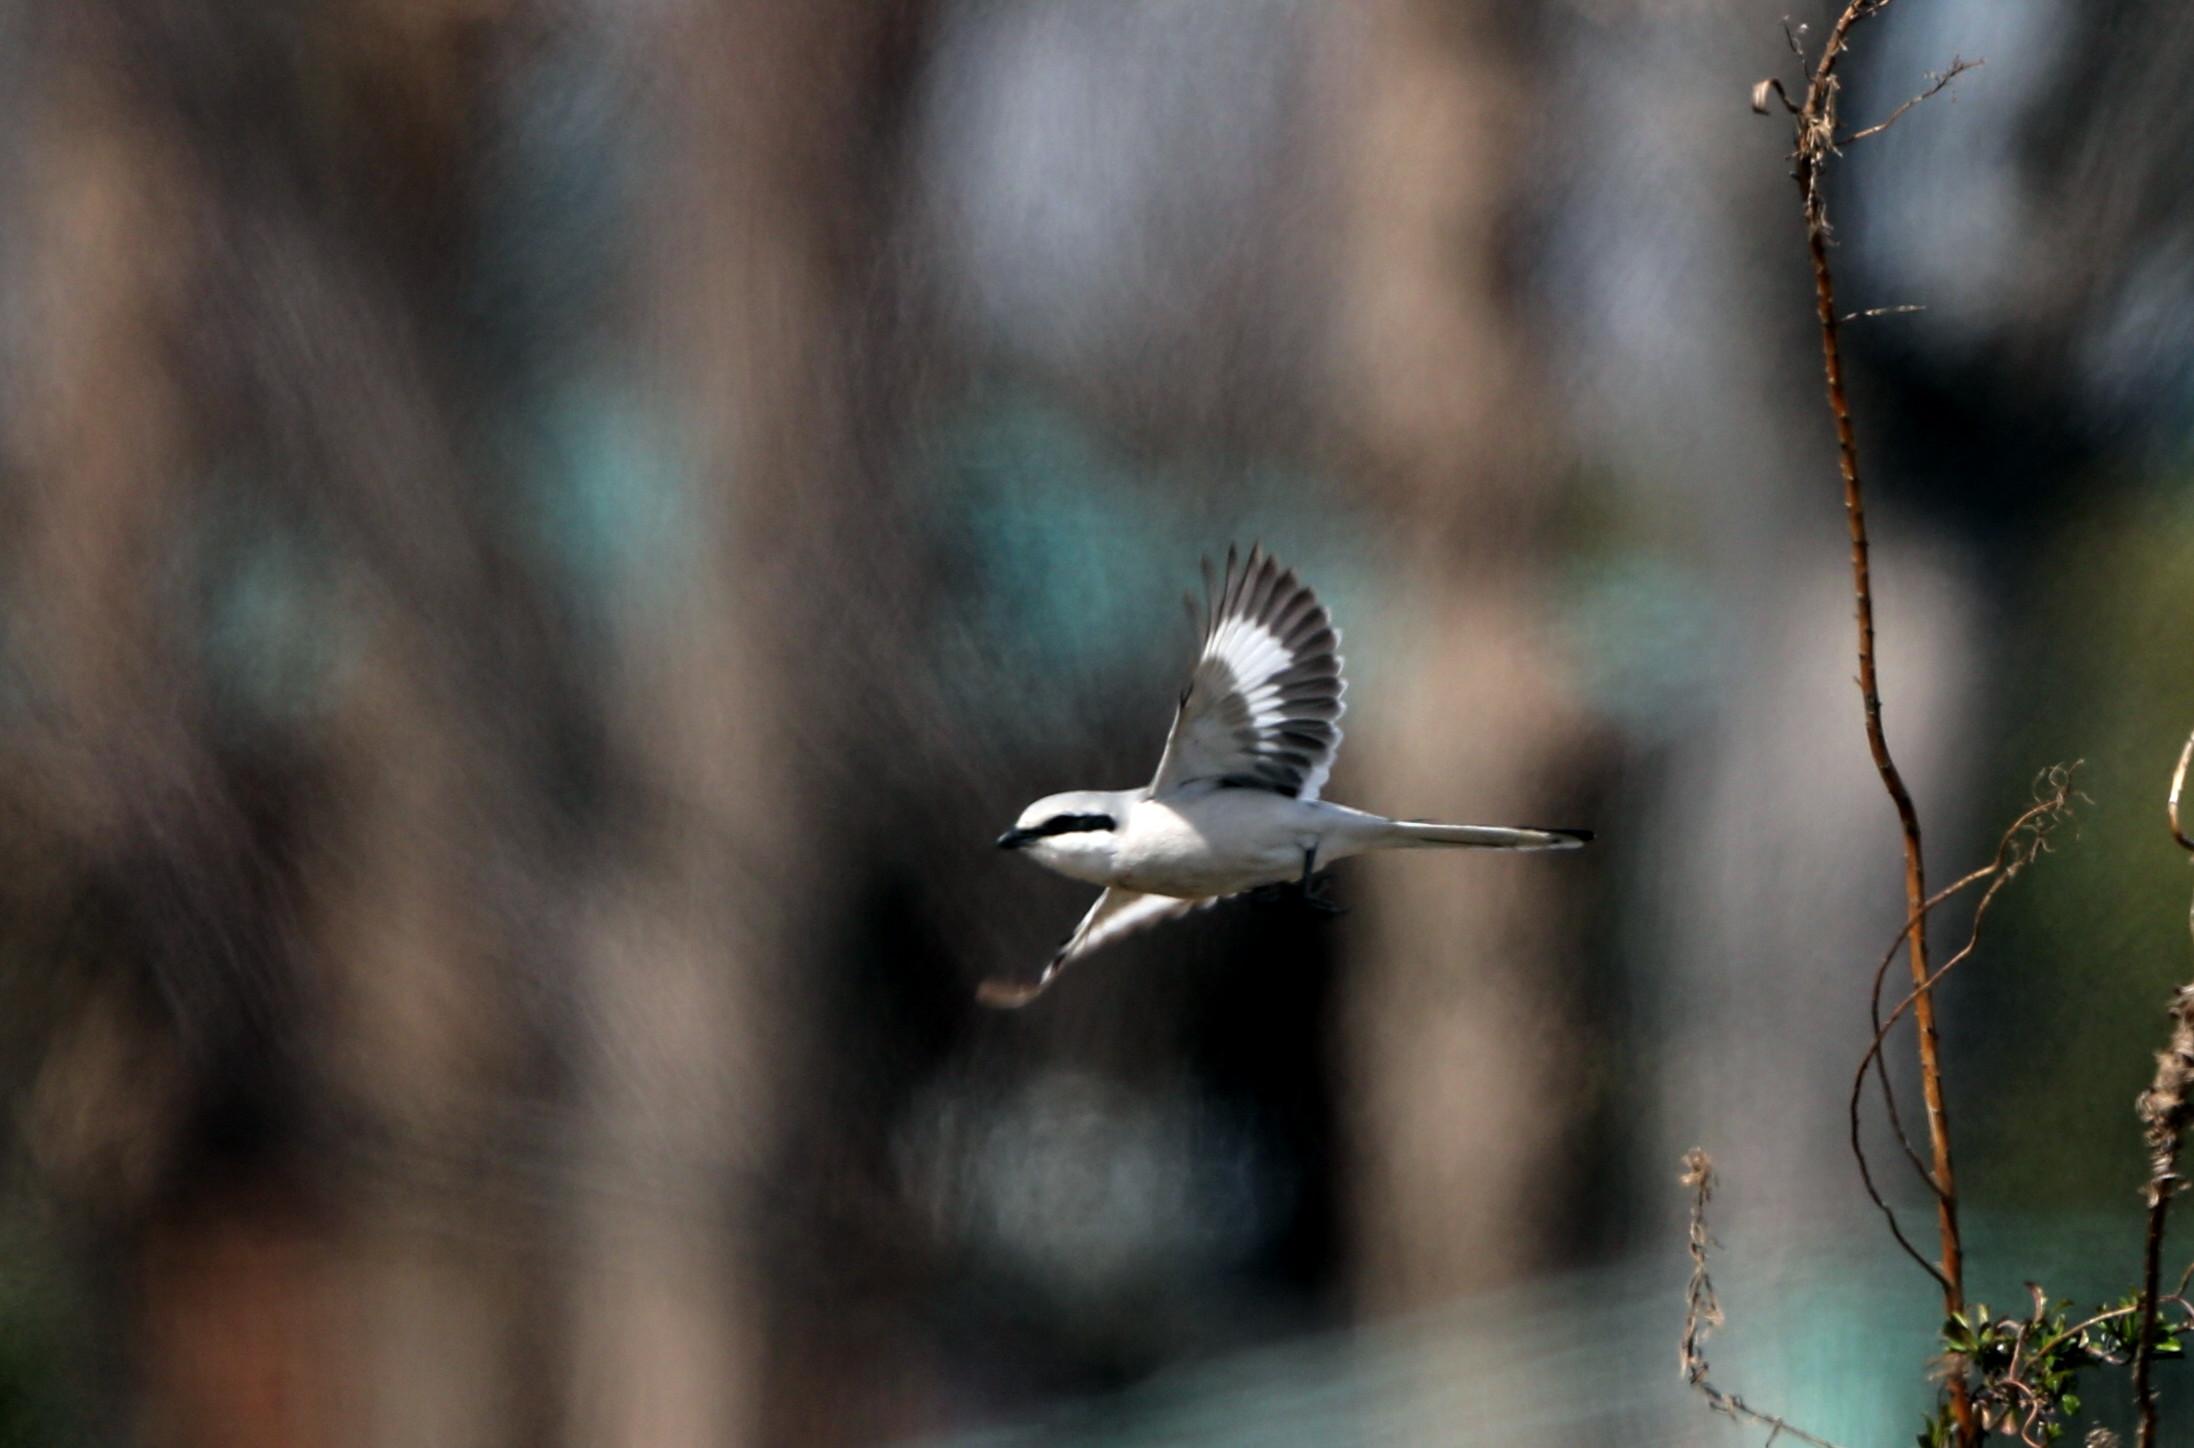 珍鳥オオカラモズに逢いに出かけてきました_f0239515_18404552.jpg